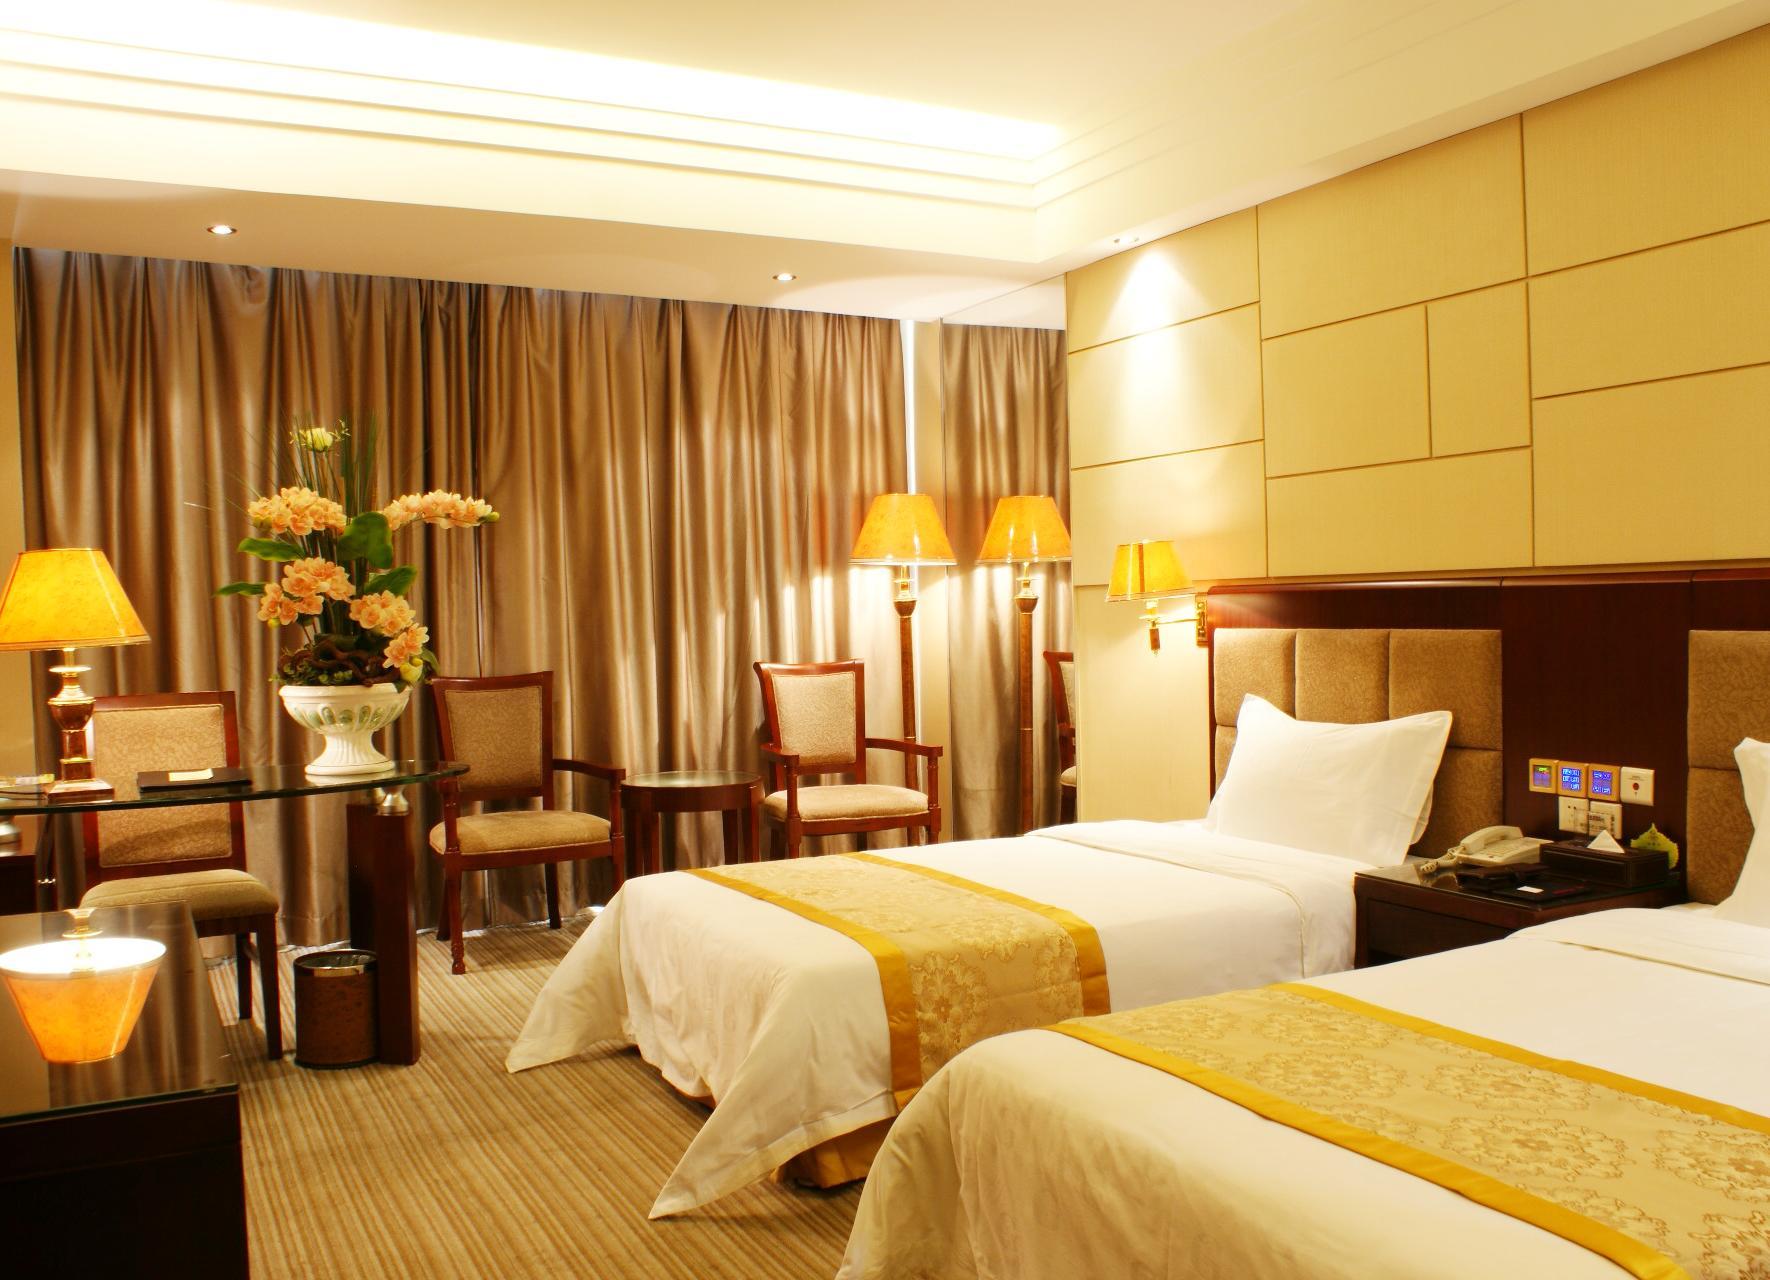 酒店_星级酒店用哪种面料款式的窗帘?